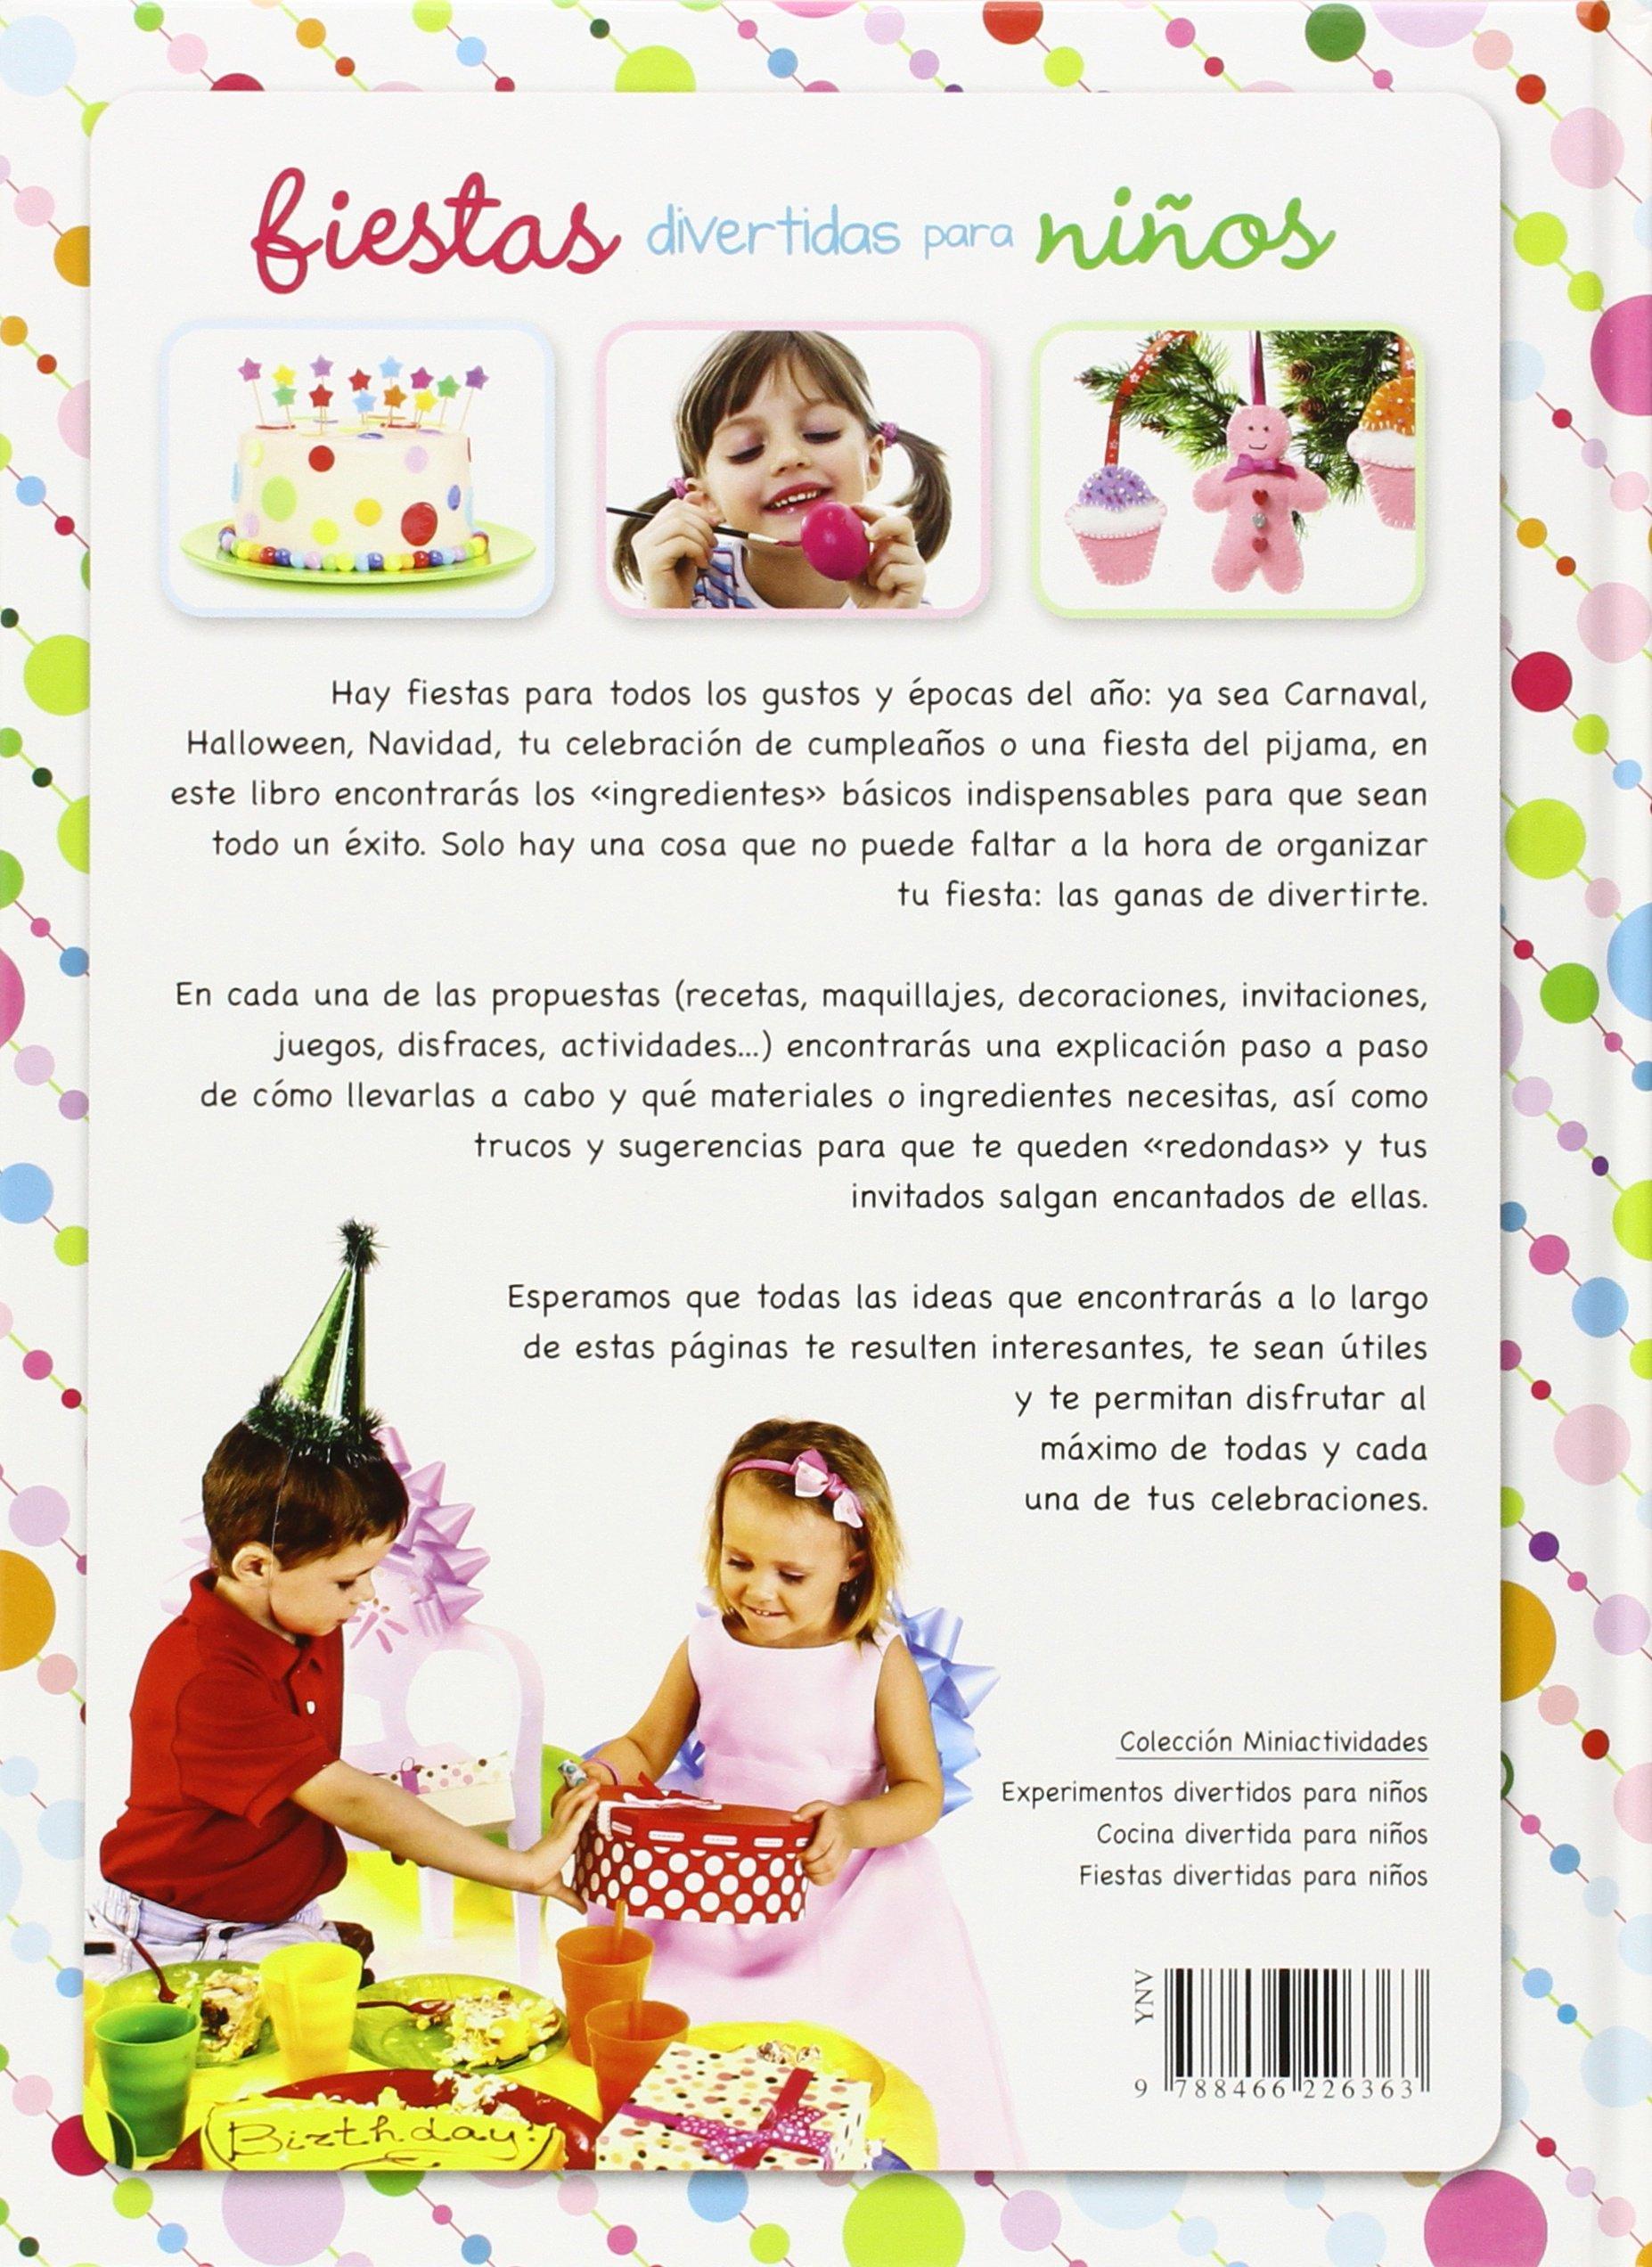 Fiestas divertidas para ninos (Spanish Edition): Carla Nieto Martinez: 9788466226363: Amazon.com: Books